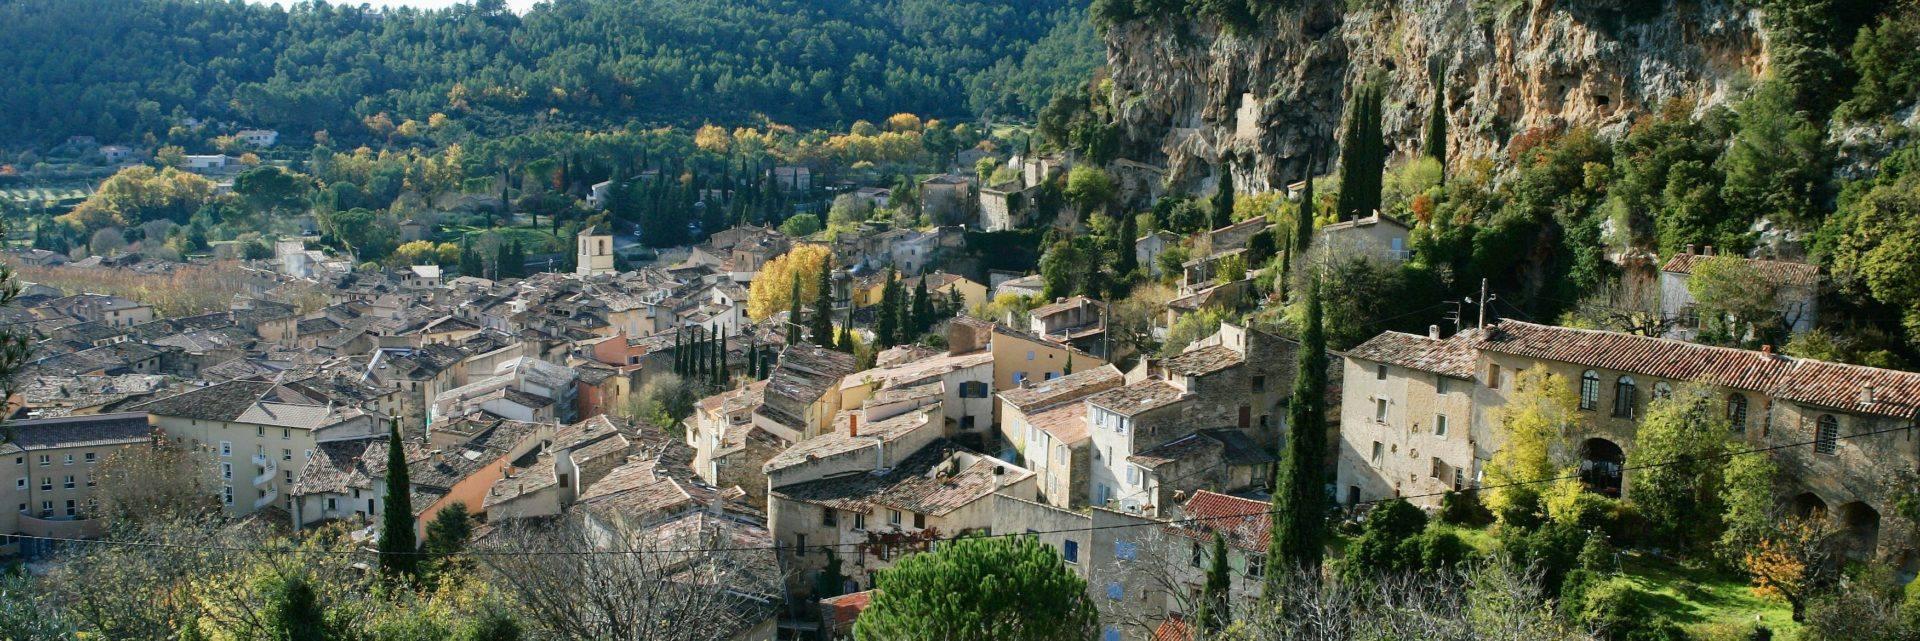 Le village et ses falaises